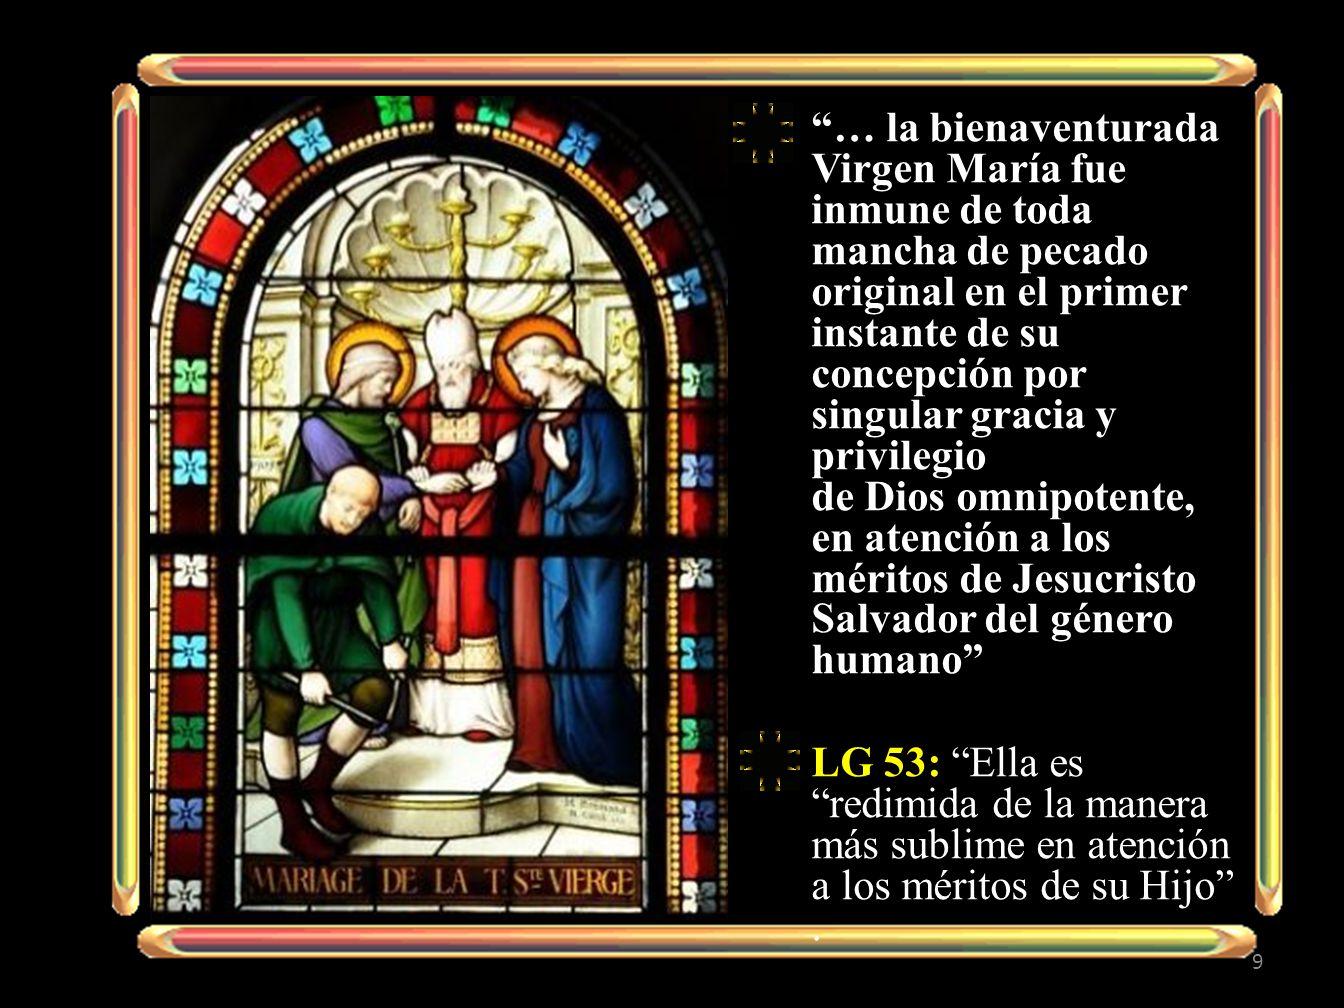 … convienen también a Jesús porque -Él es de de condición divina y -el Padre manifestó esta soberanía de Jesús resucitándolo de entre los muertos y exaltándolo a su gloria.